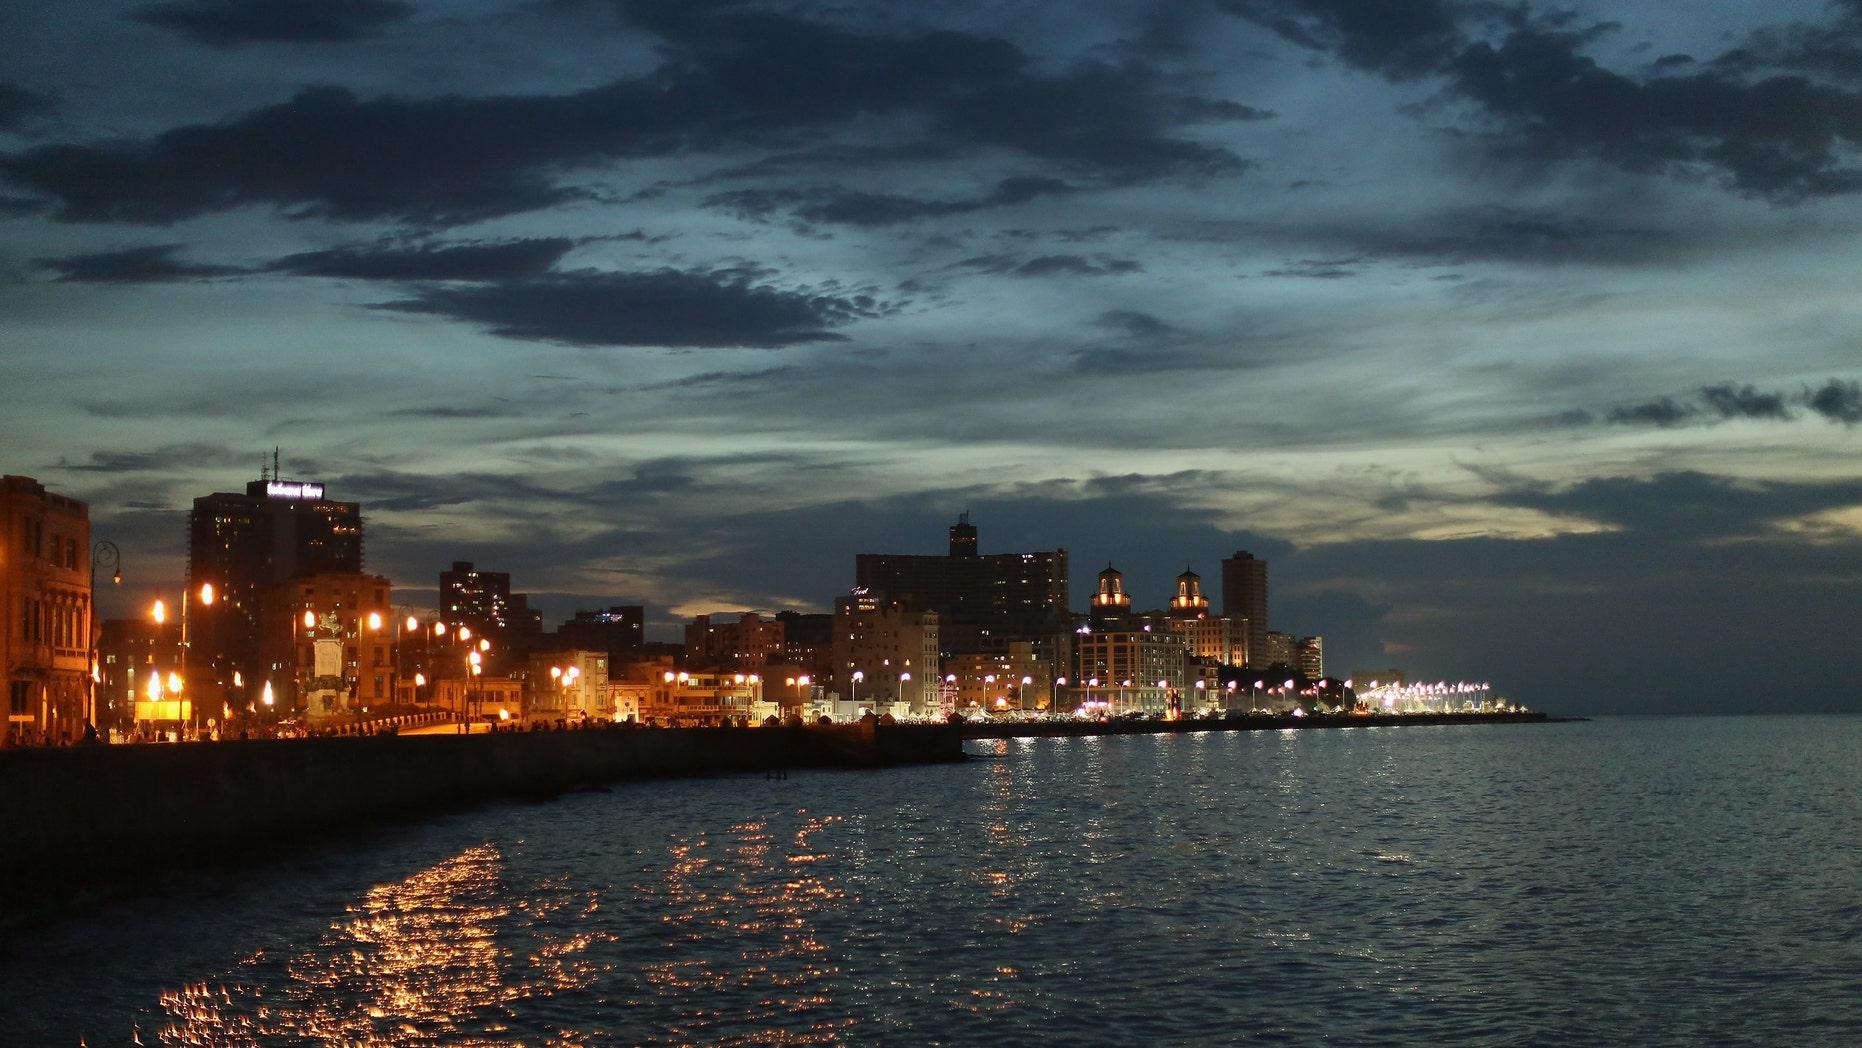 Streetlights along the Malecon seawall boulevard as the sun sets August 14, 2015 in Havana, Cuba.